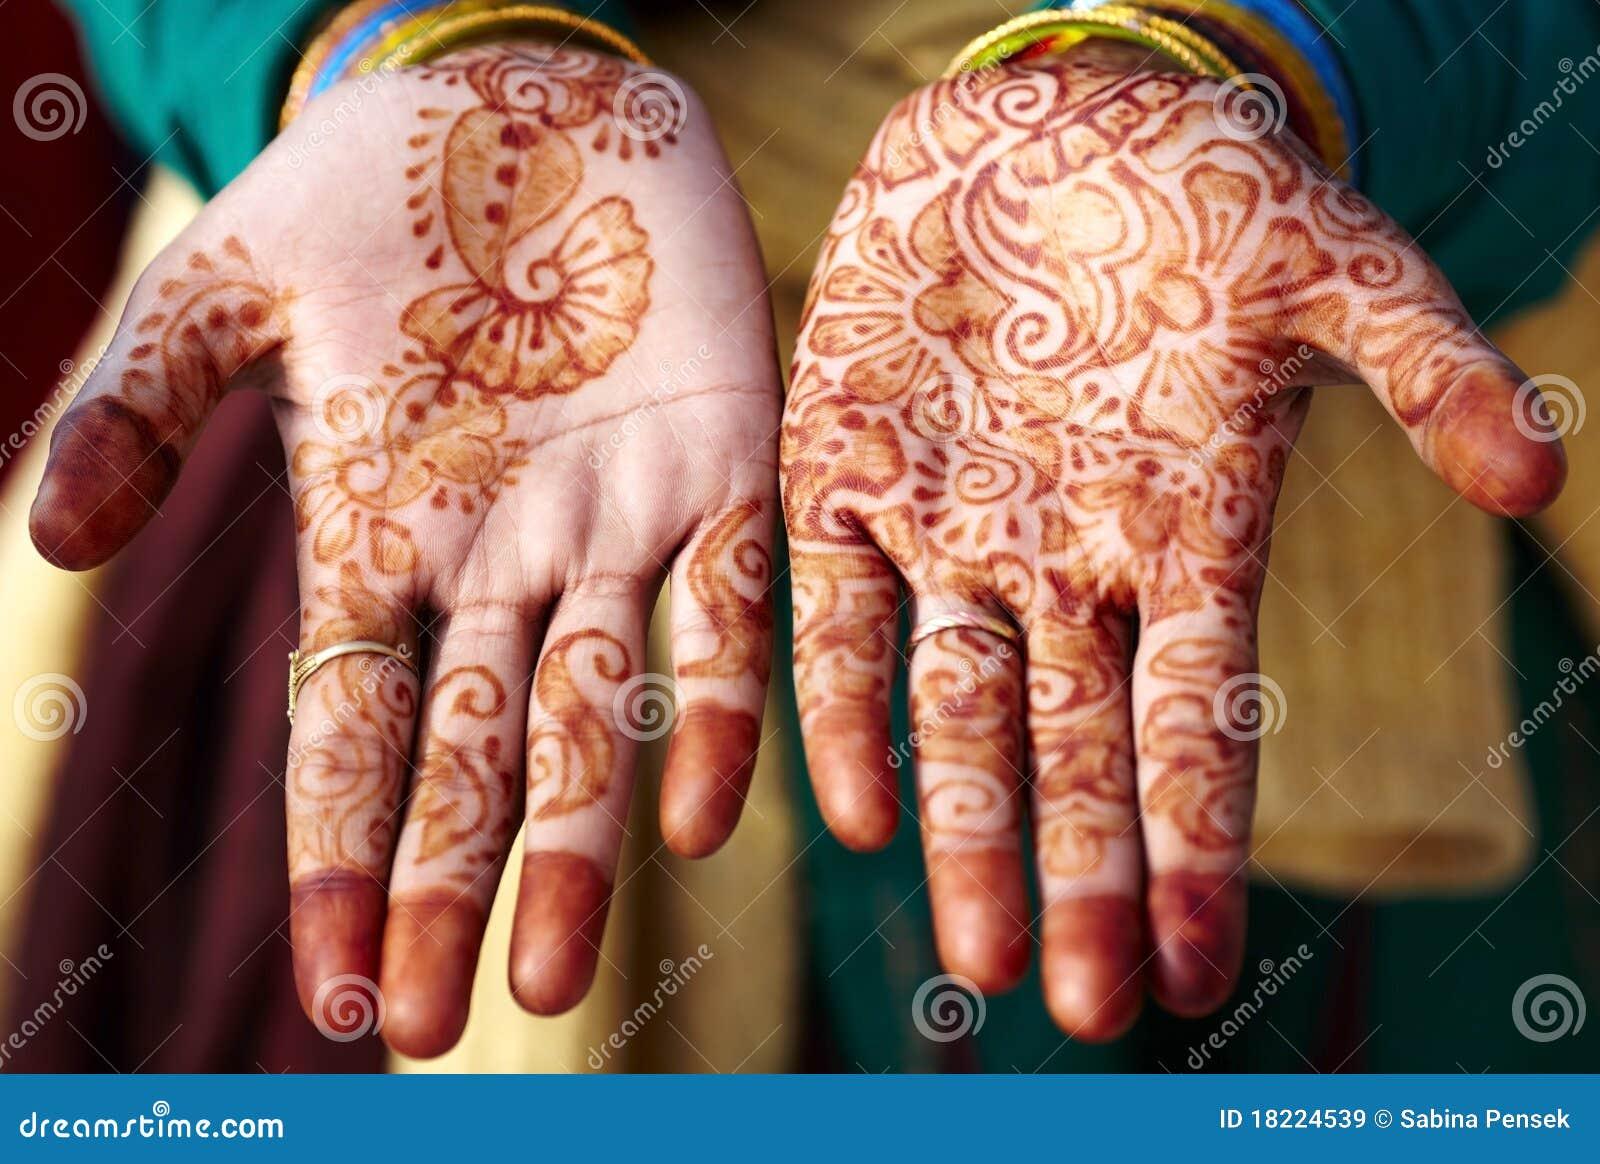 Arte della mano del tatuaggio del hennè in India